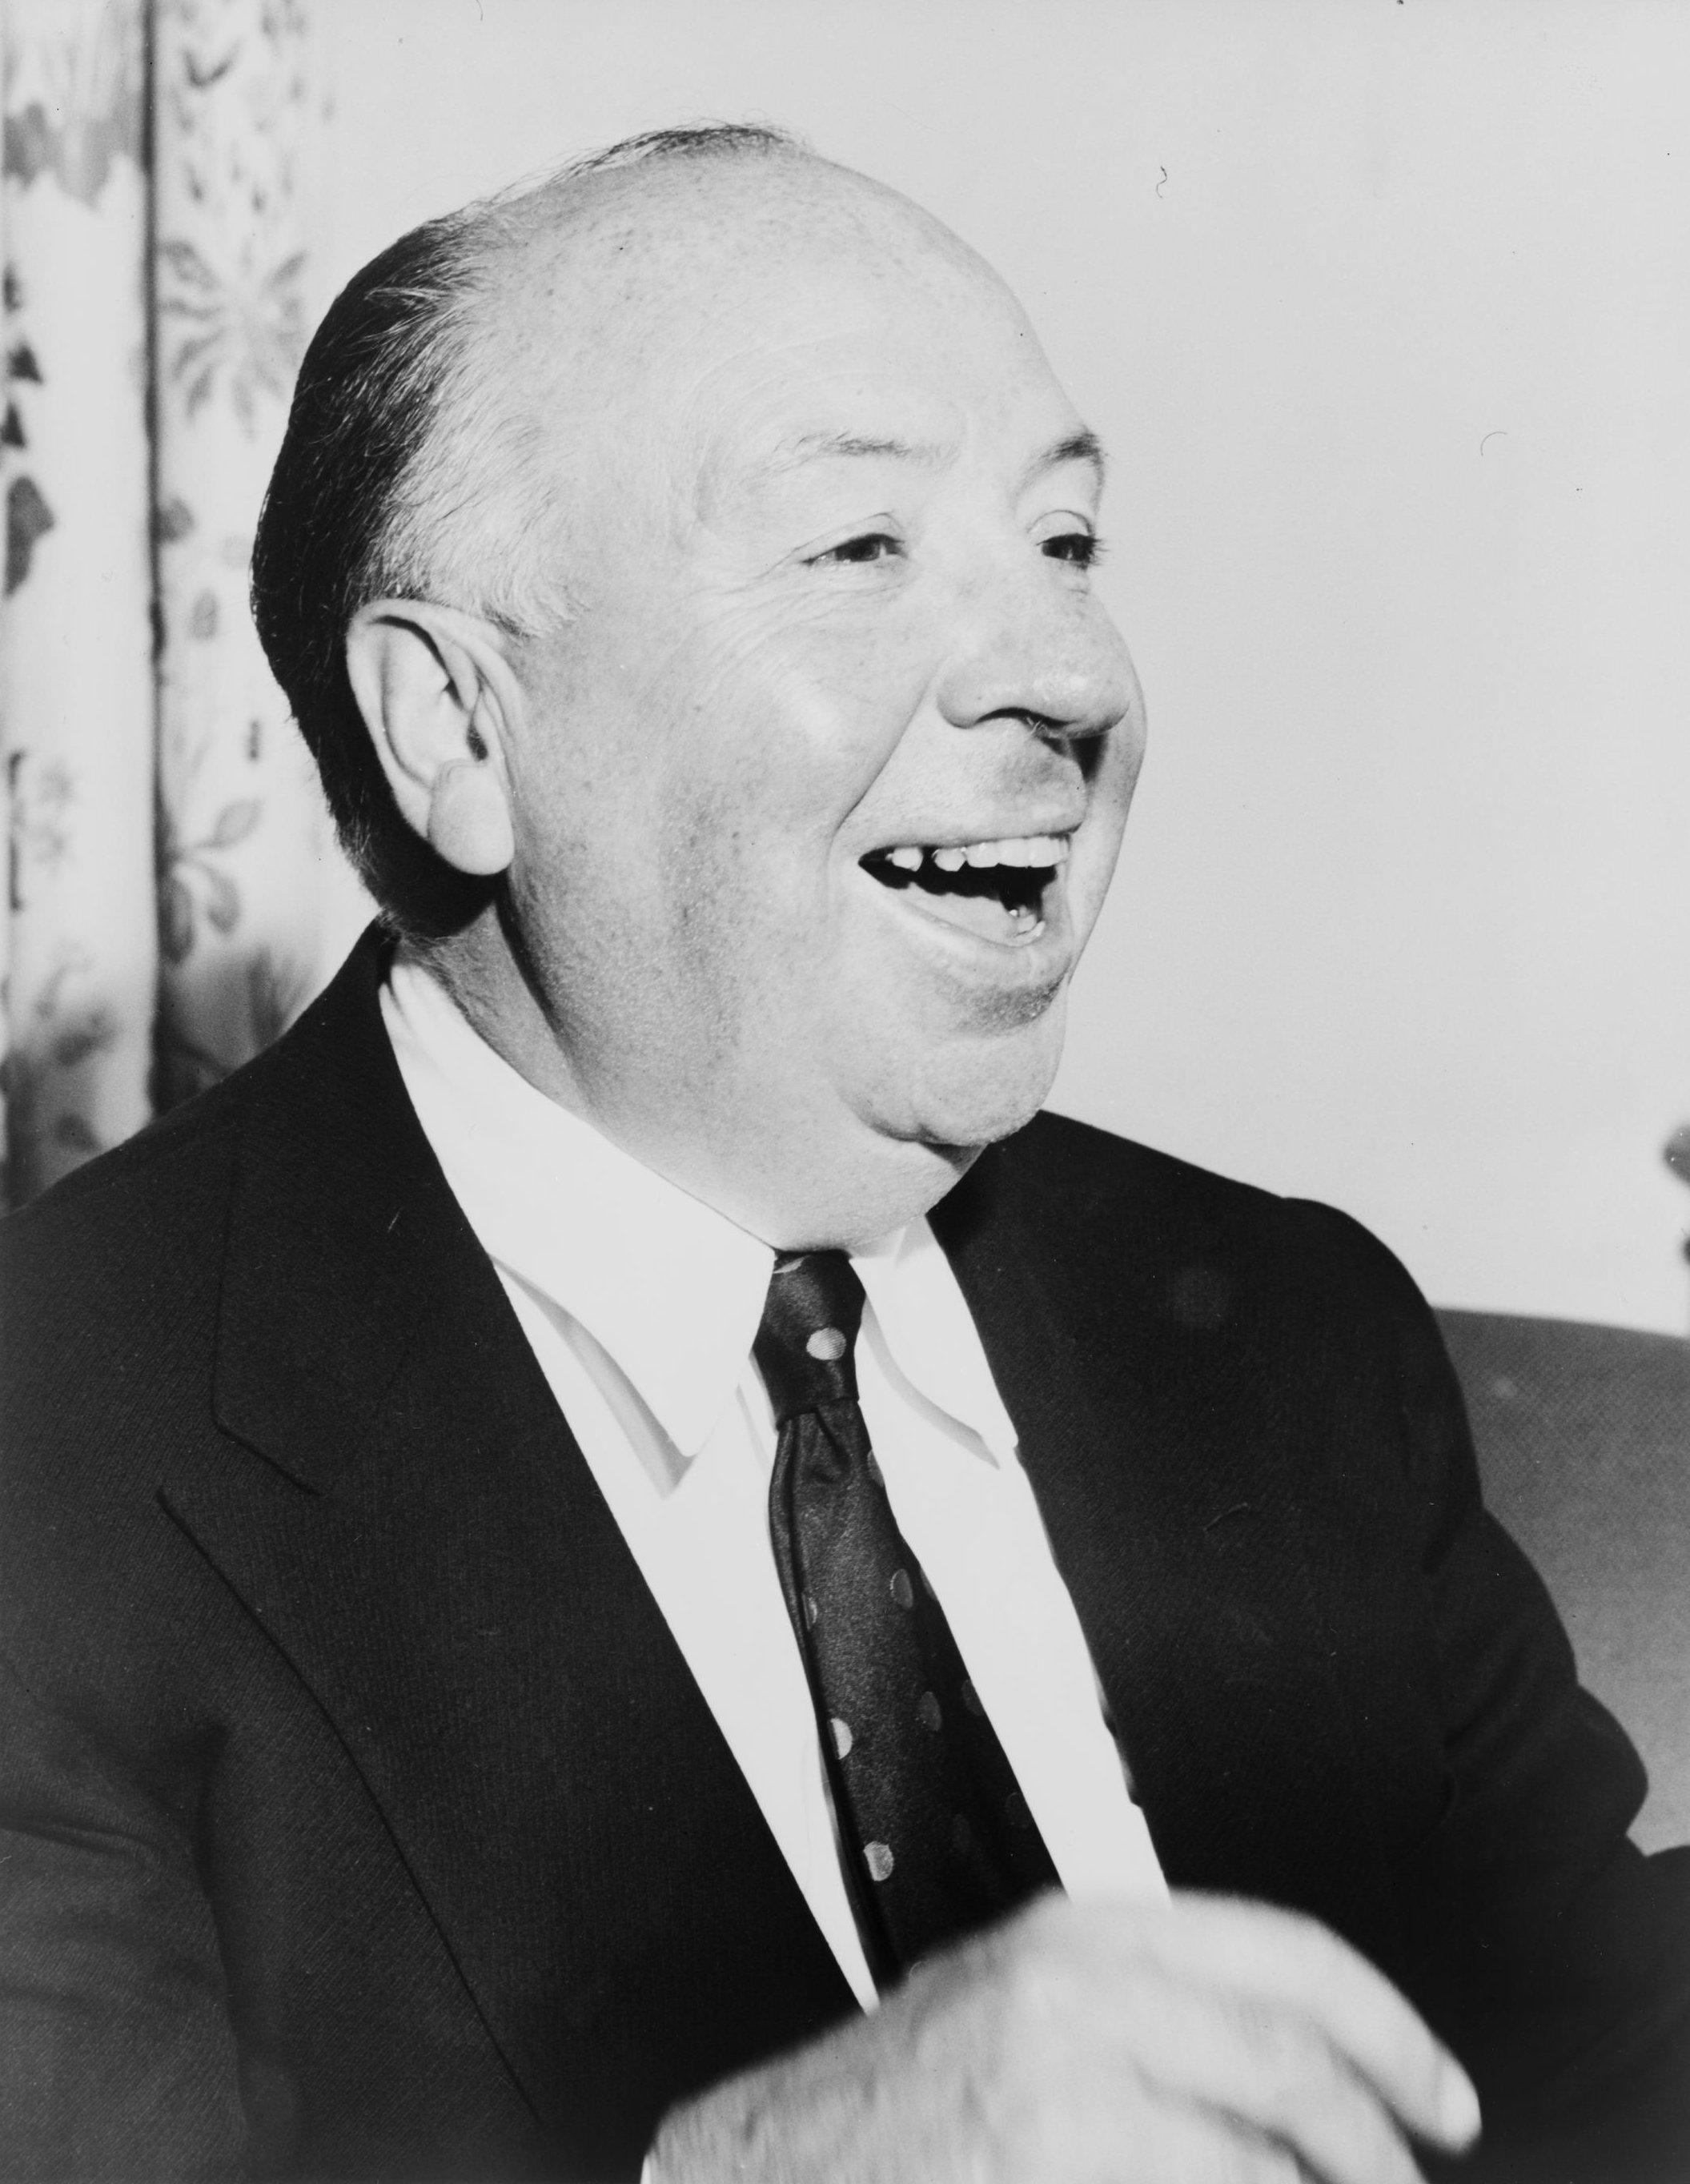 La mayoría de los artistas que trabajaron con Hitchcock recibieron el Óscar.| Fuente: Wikimedia